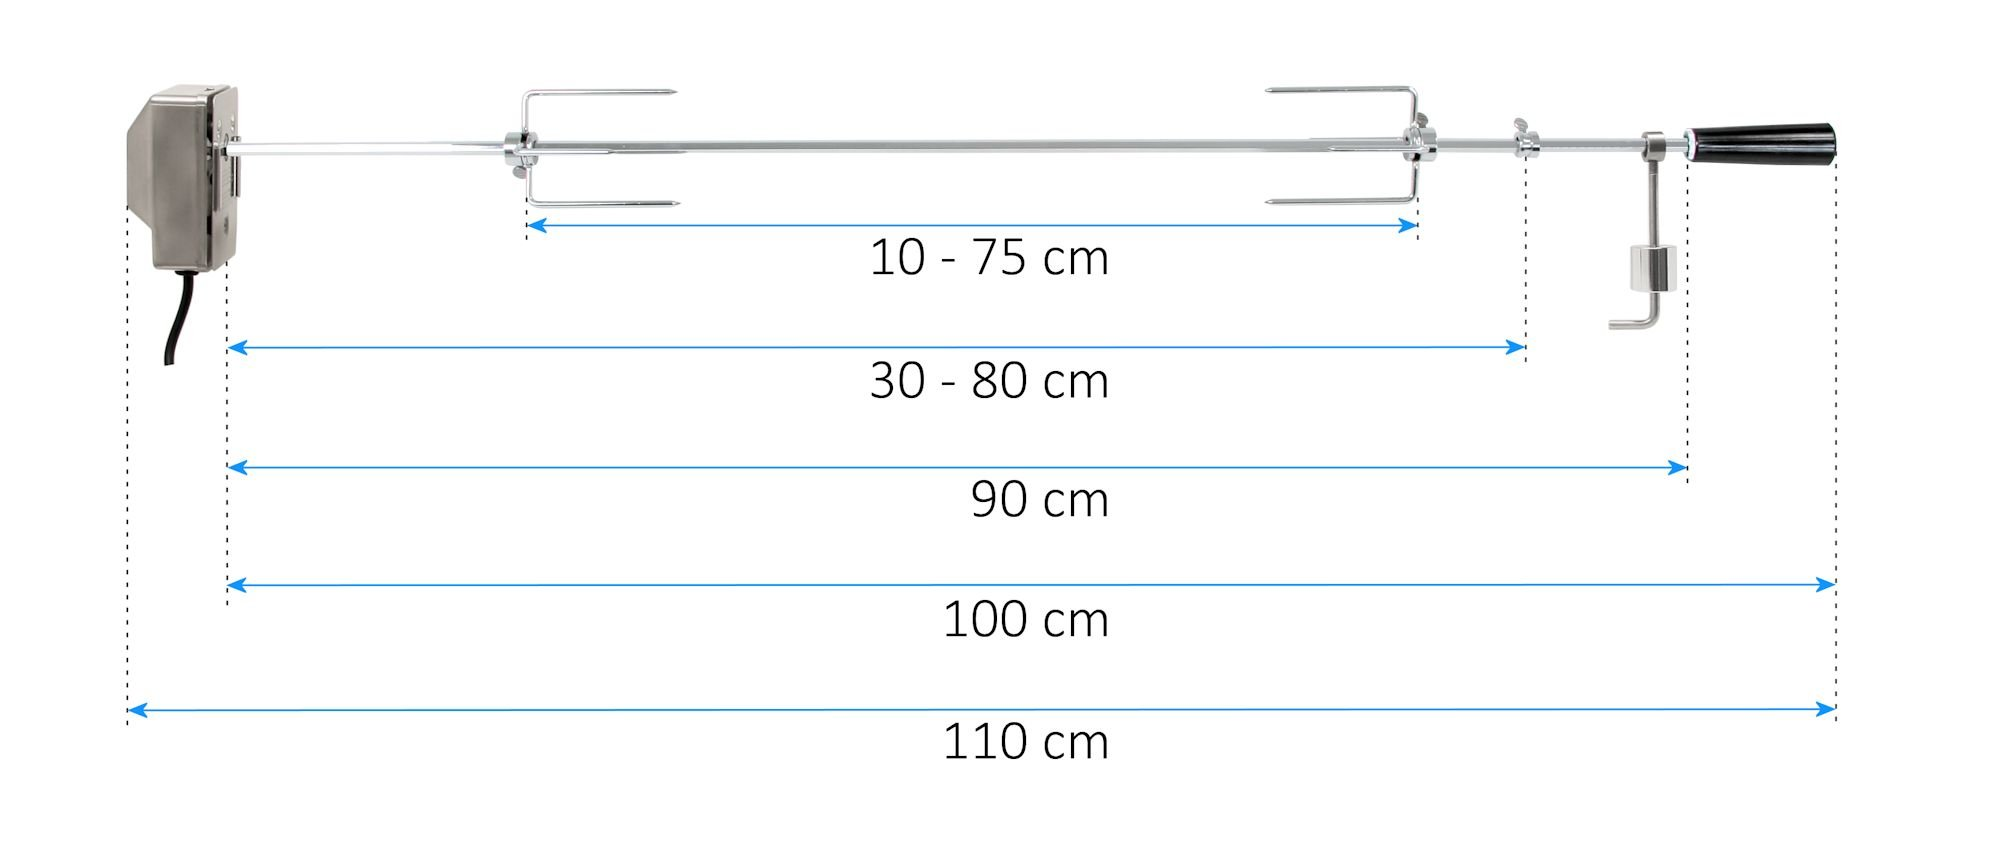 BBQ Grillspieß Edelstahl 110cm Ausgleichsgewicht Drehspieß Schaschlik